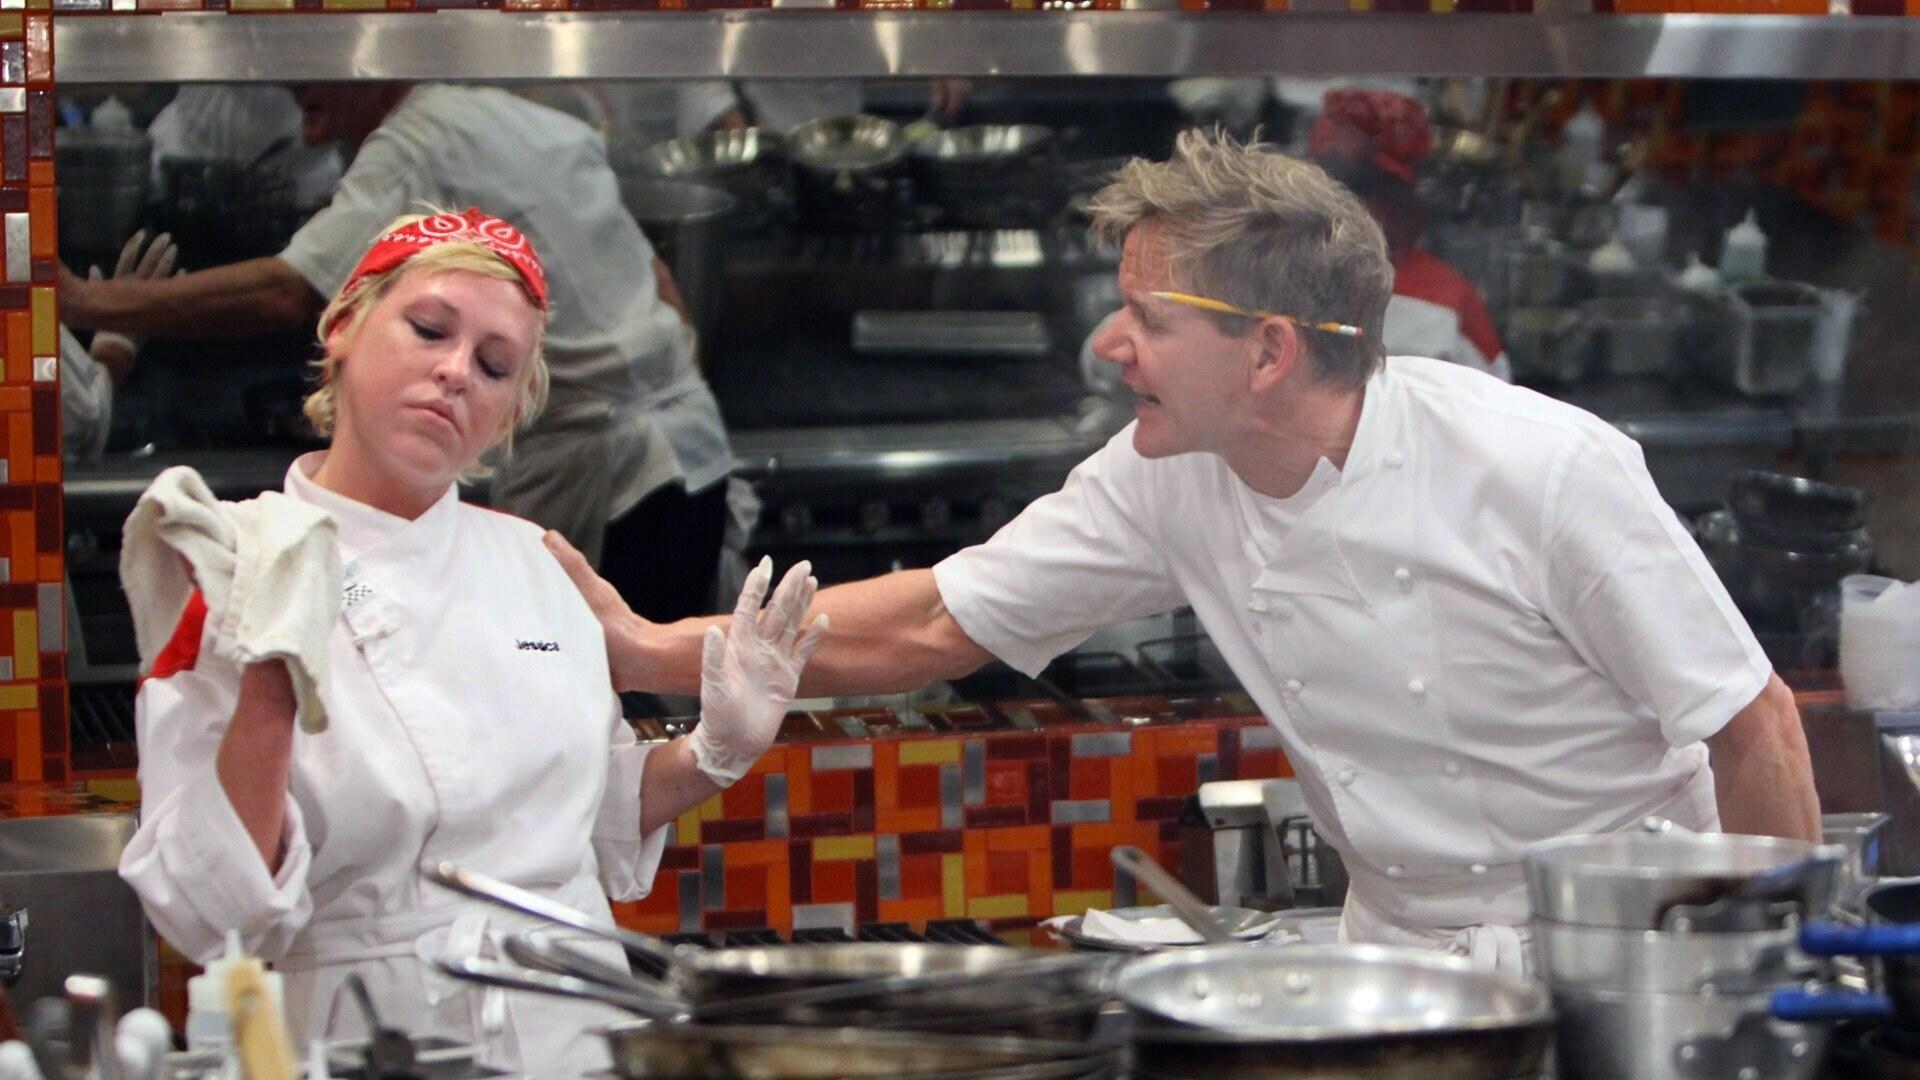 18 Chefs Compete